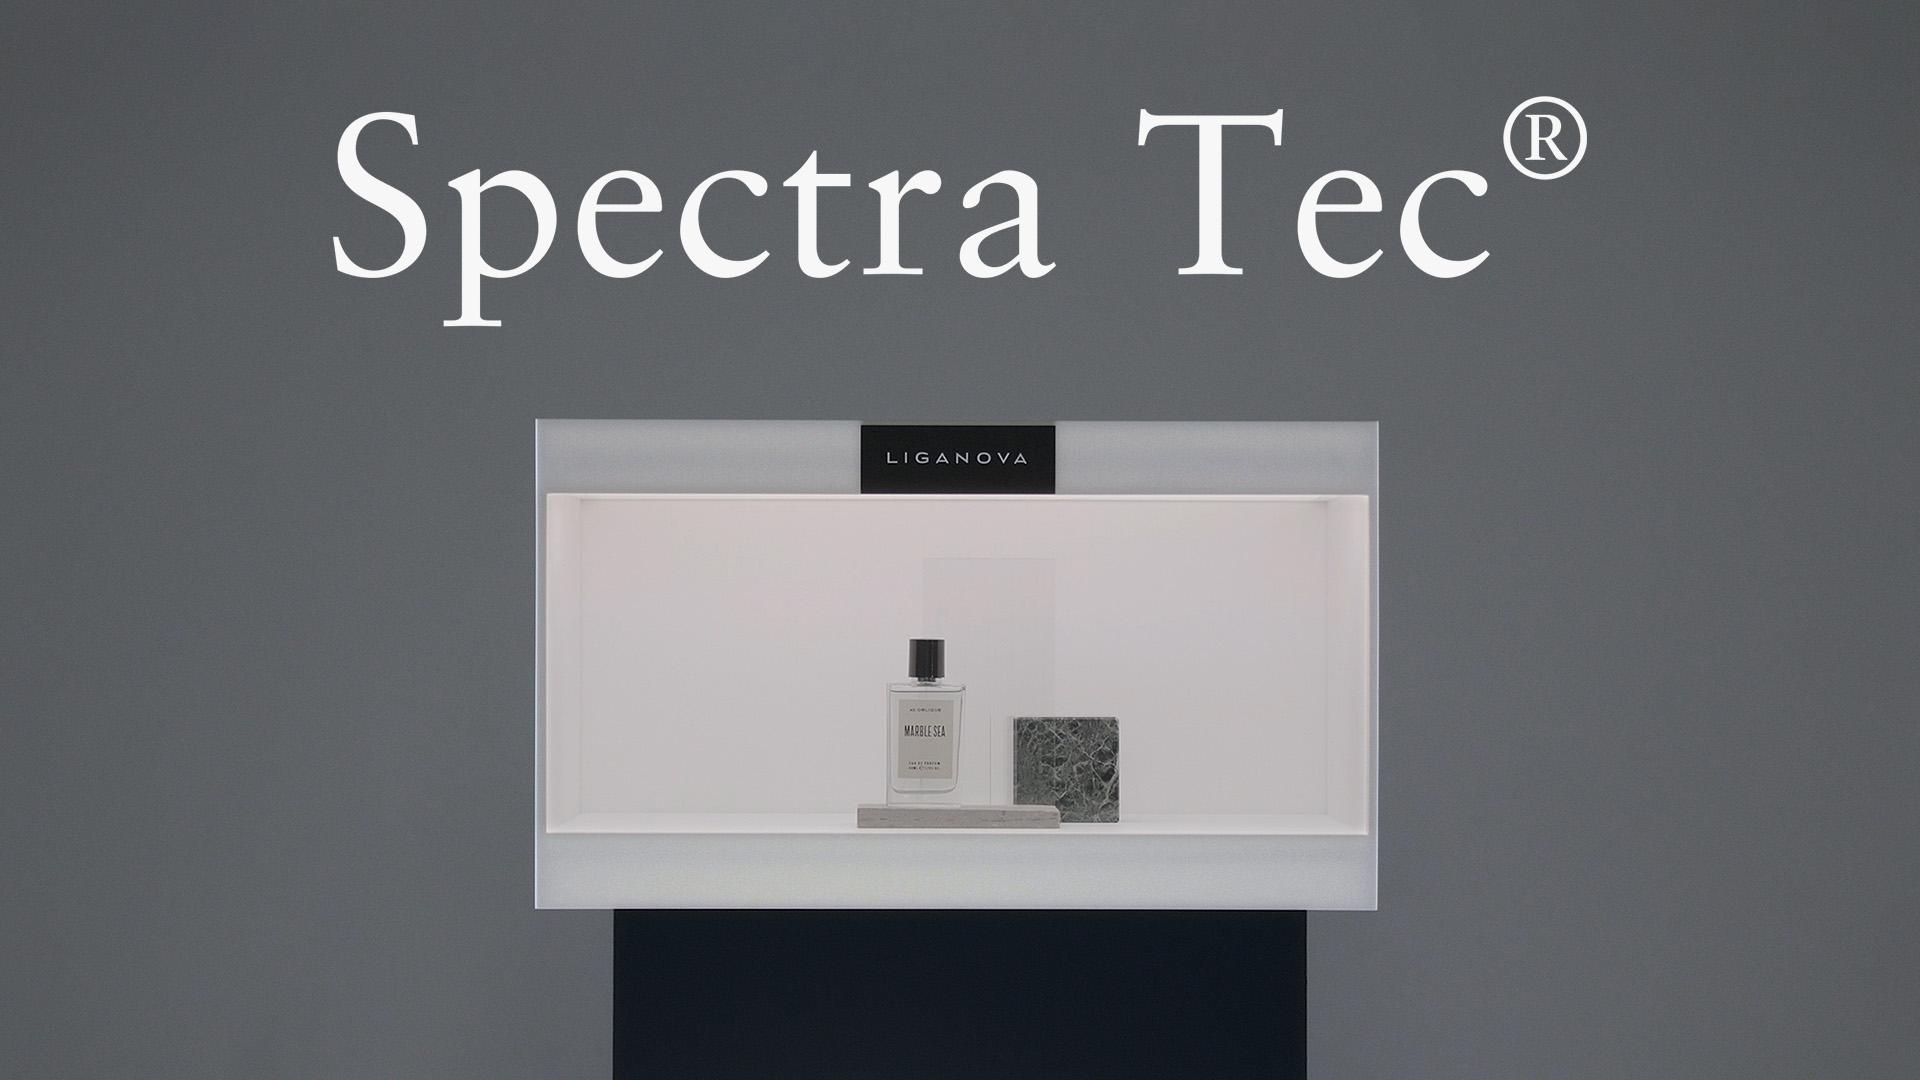 Spectra Tec